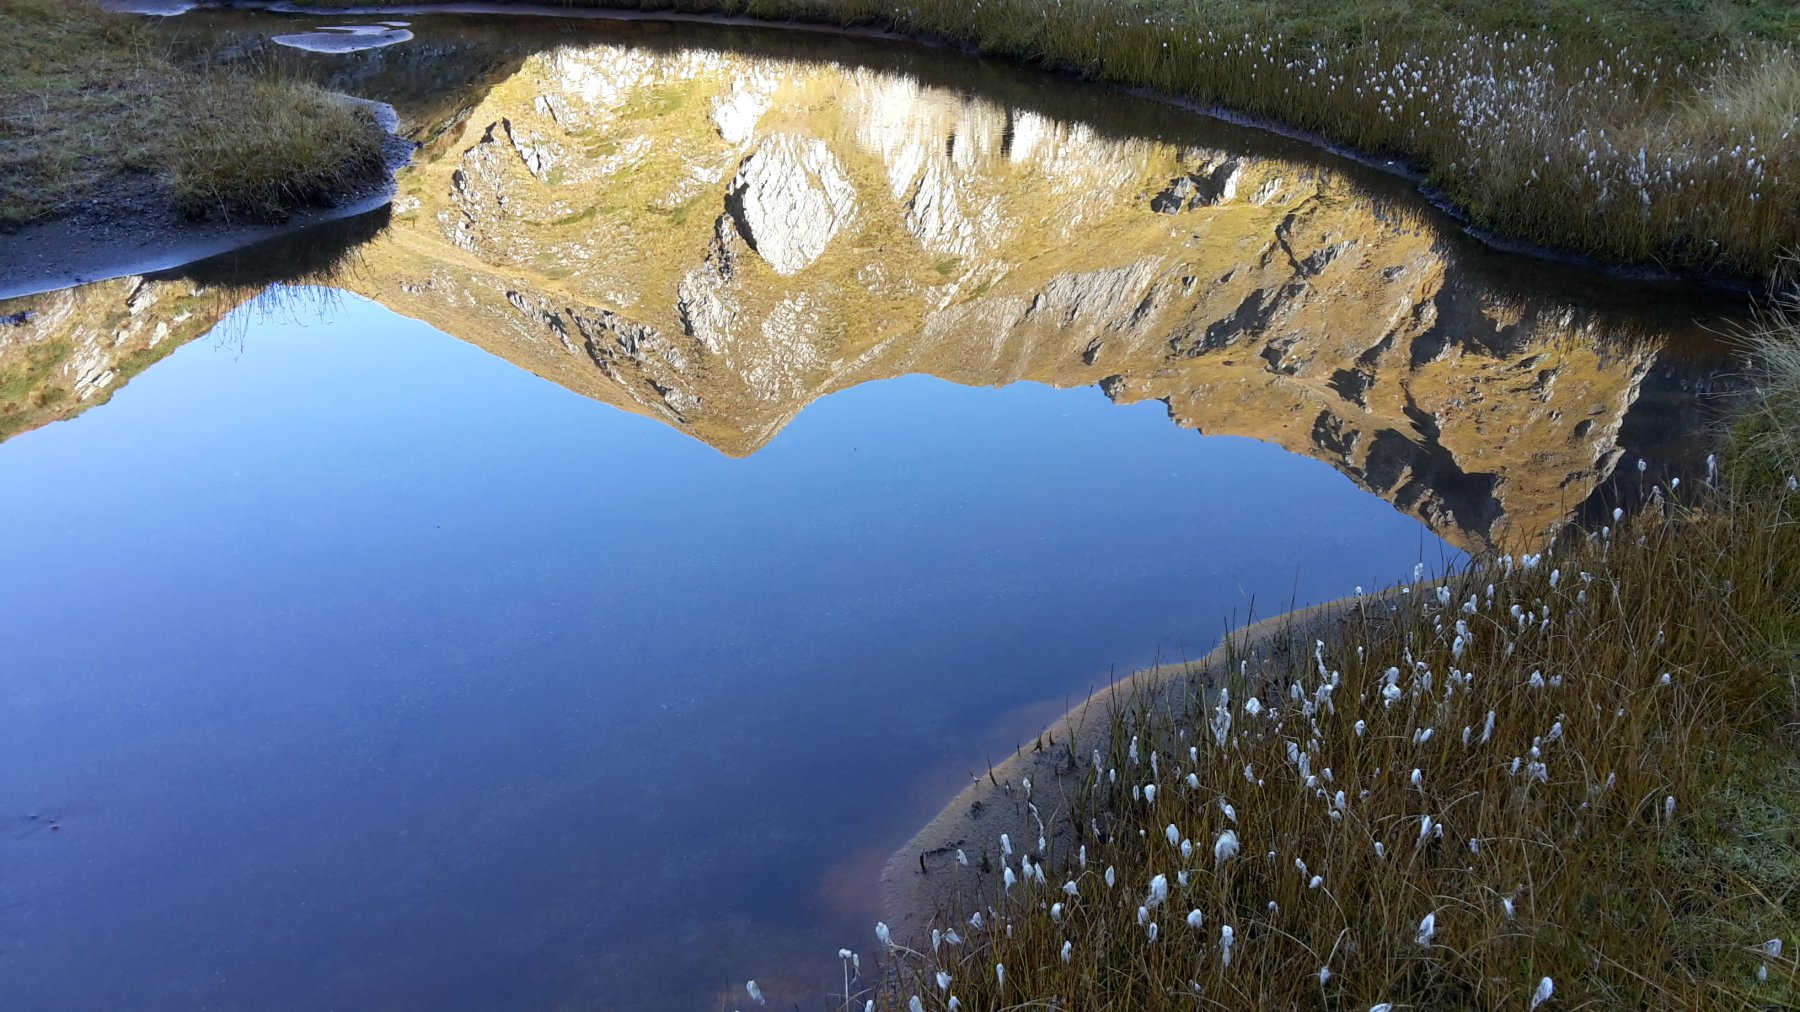 lago morto effetti speciali al mattino